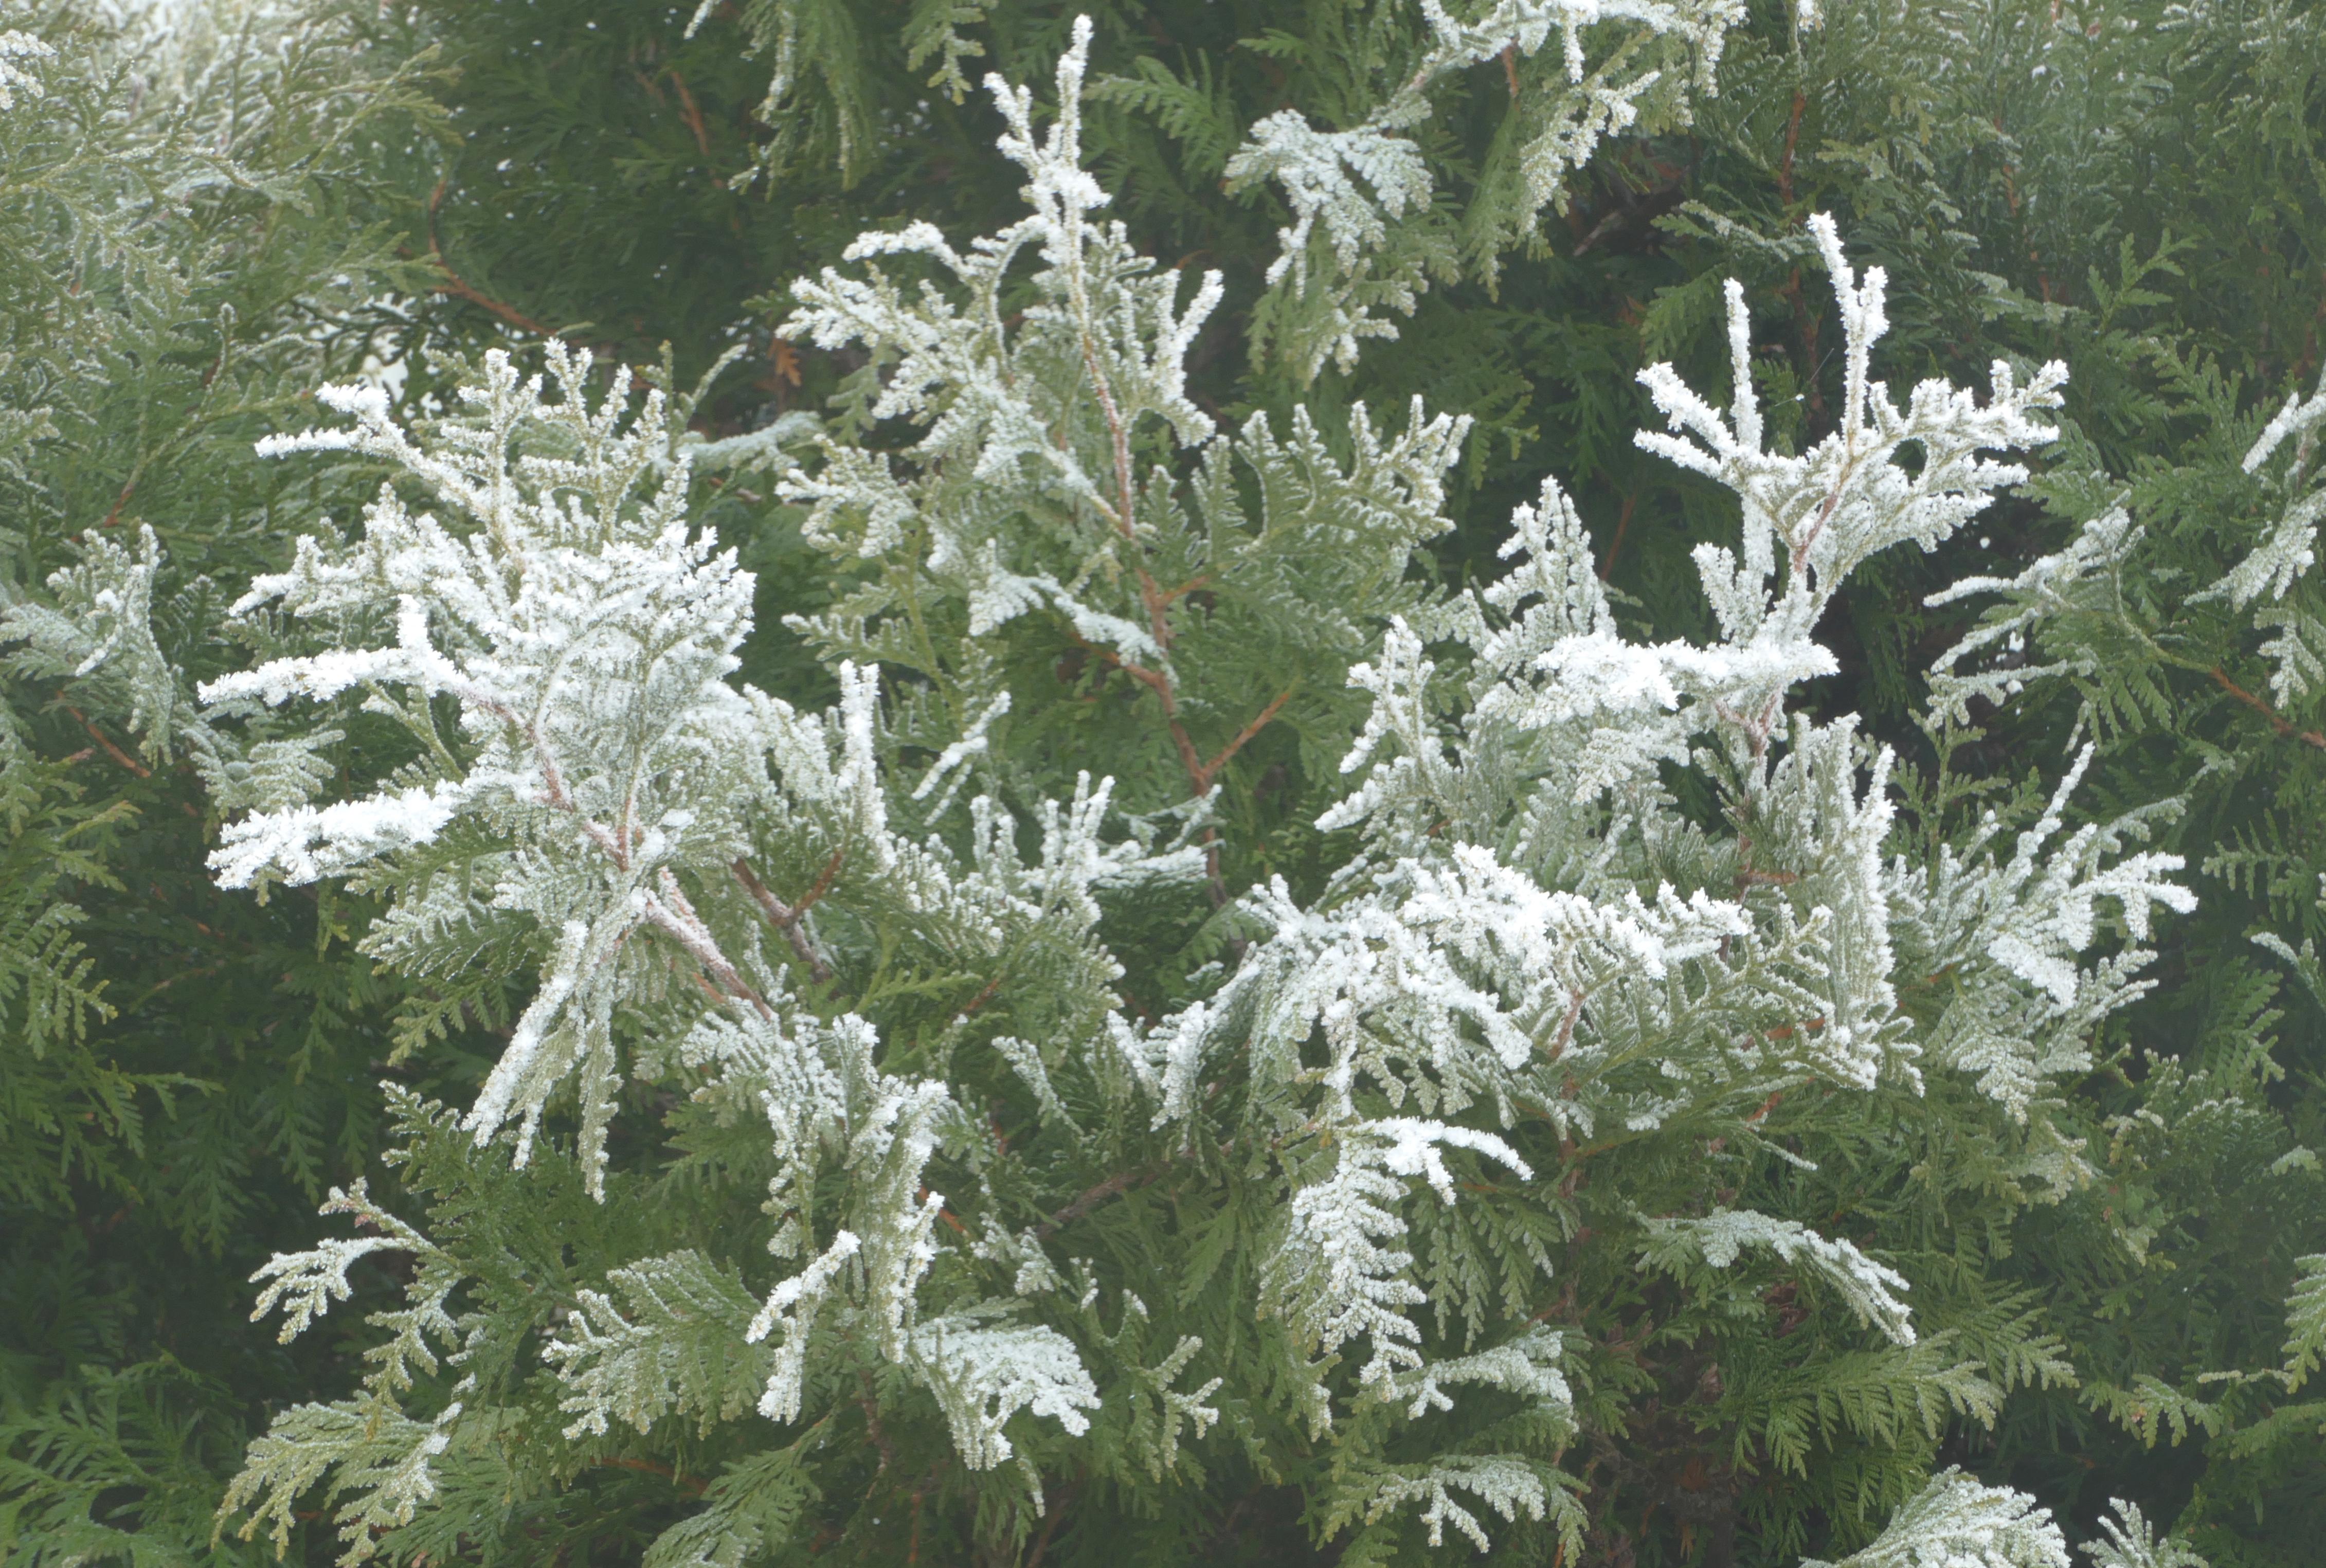 Filefrost on white cedar in fog 3g wikimedia commons filefrost on white cedar in fog 3g mightylinksfo